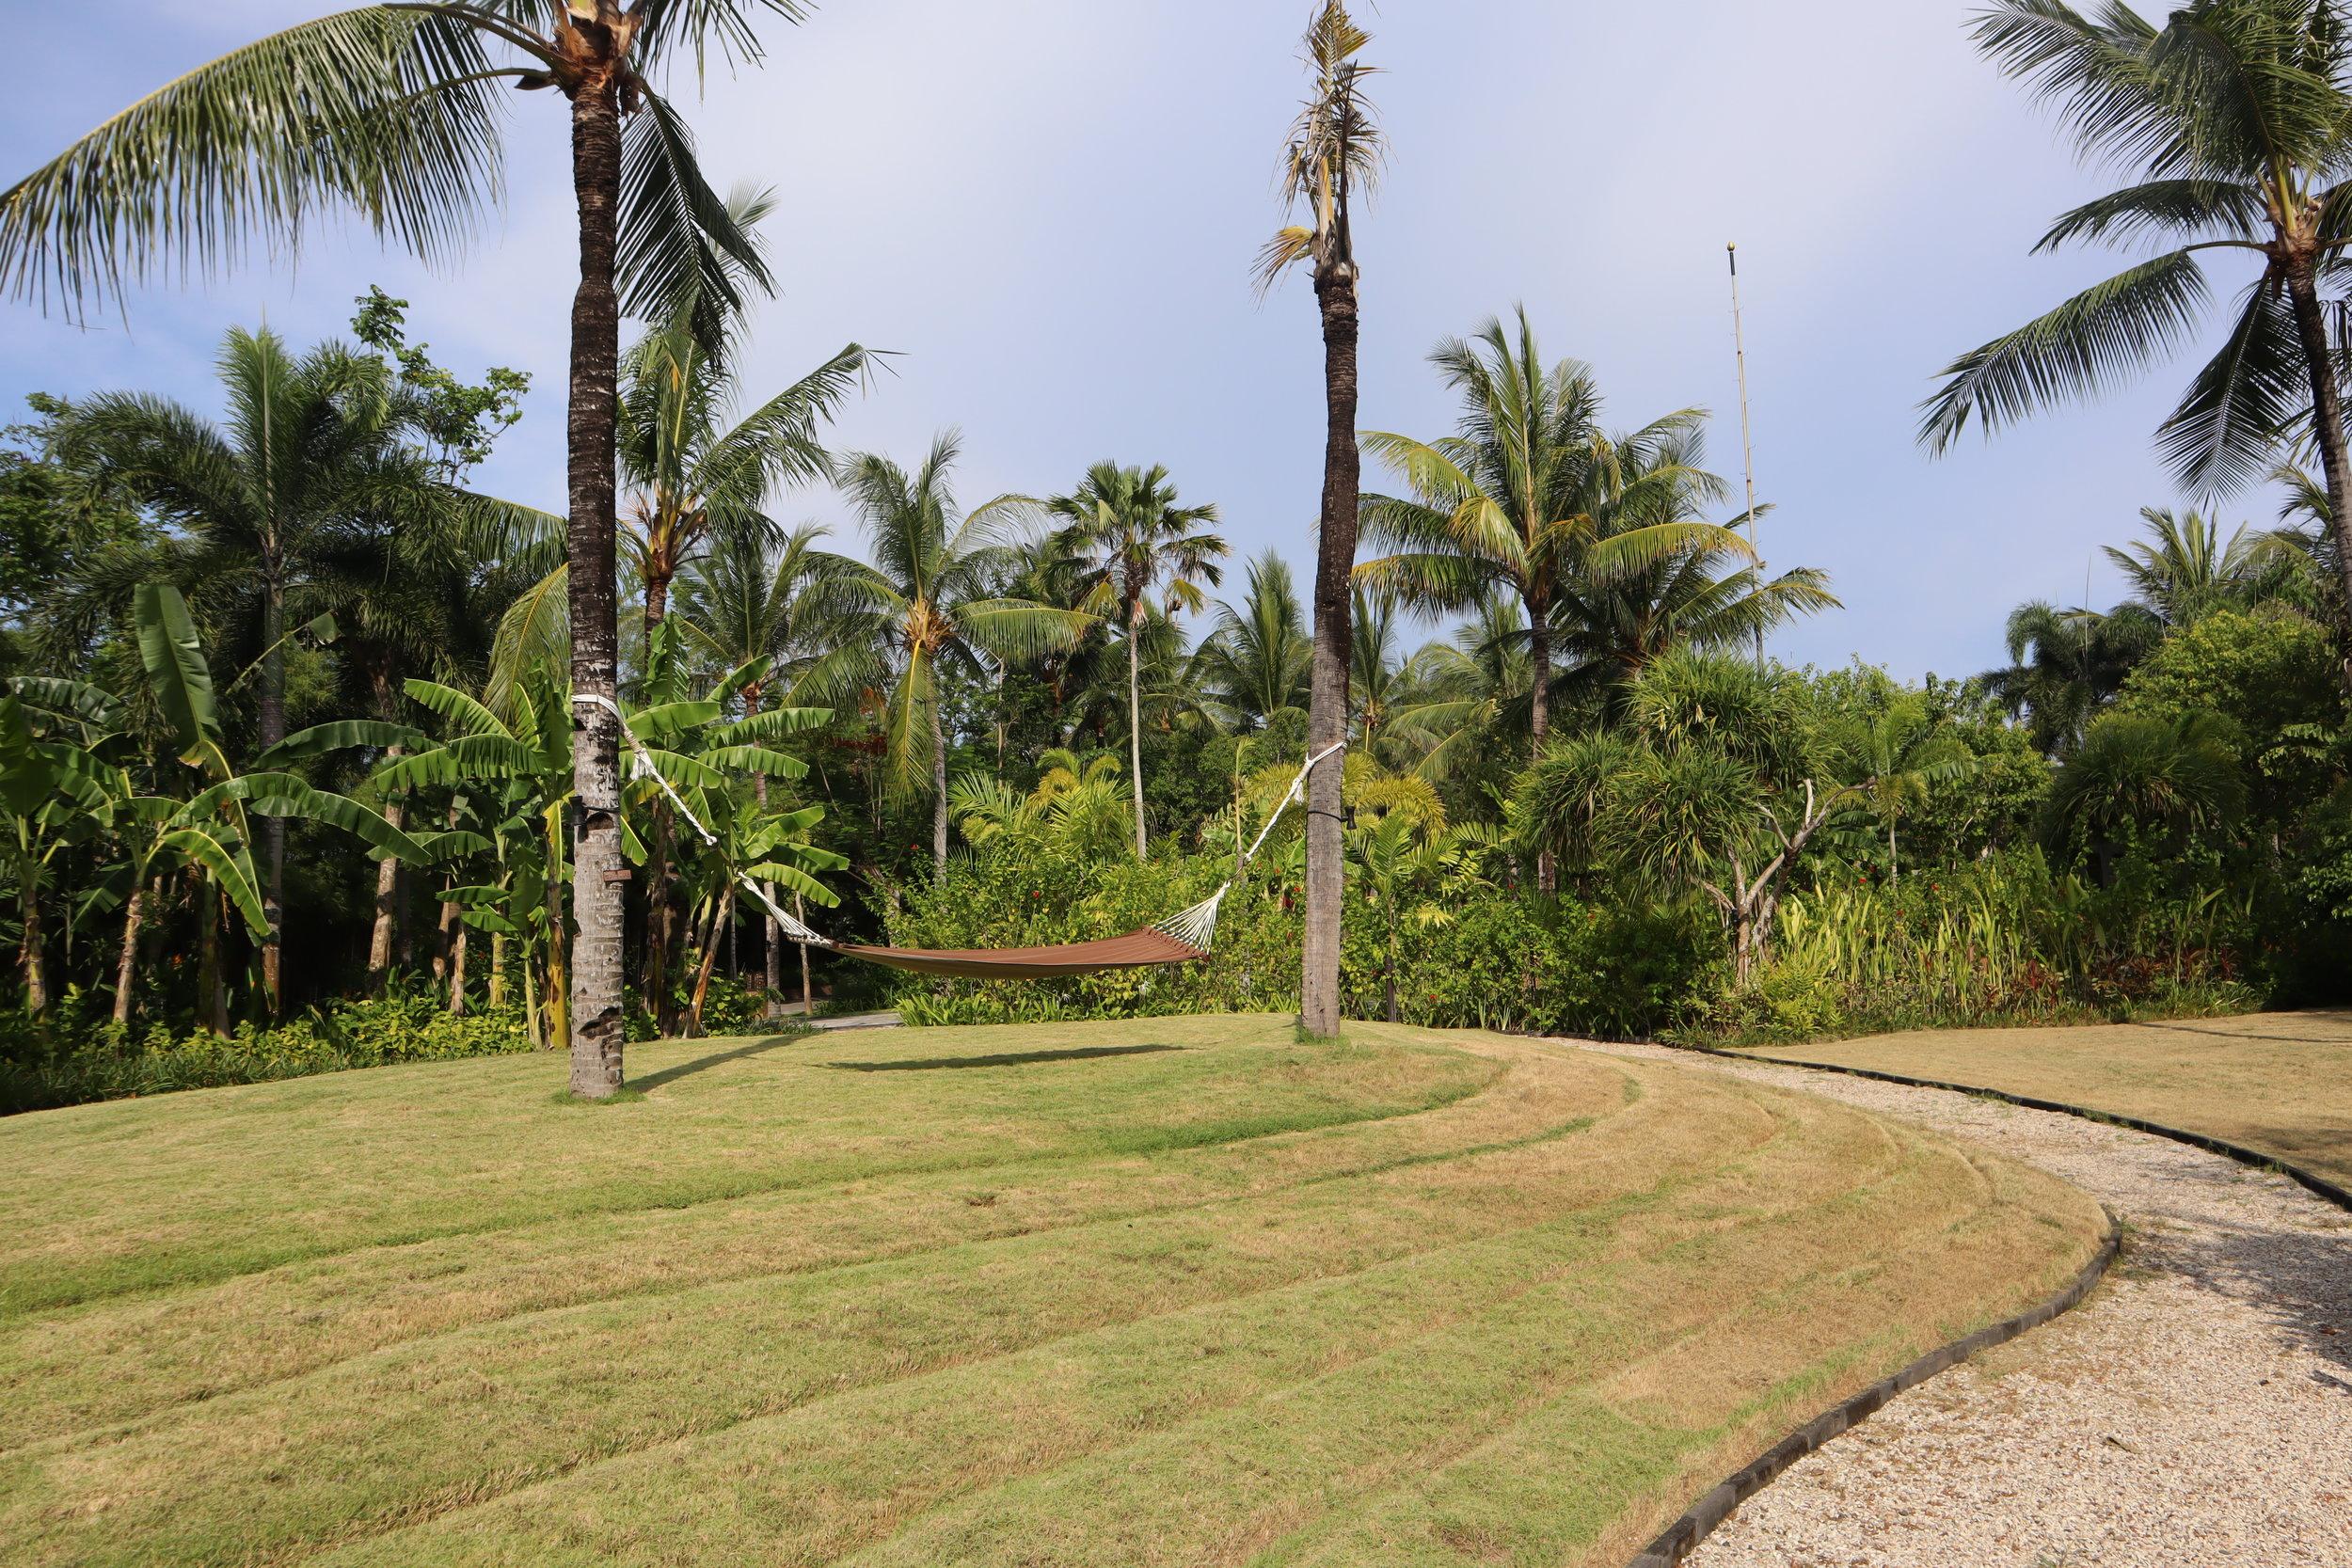 St. Regis Bali – Gardens